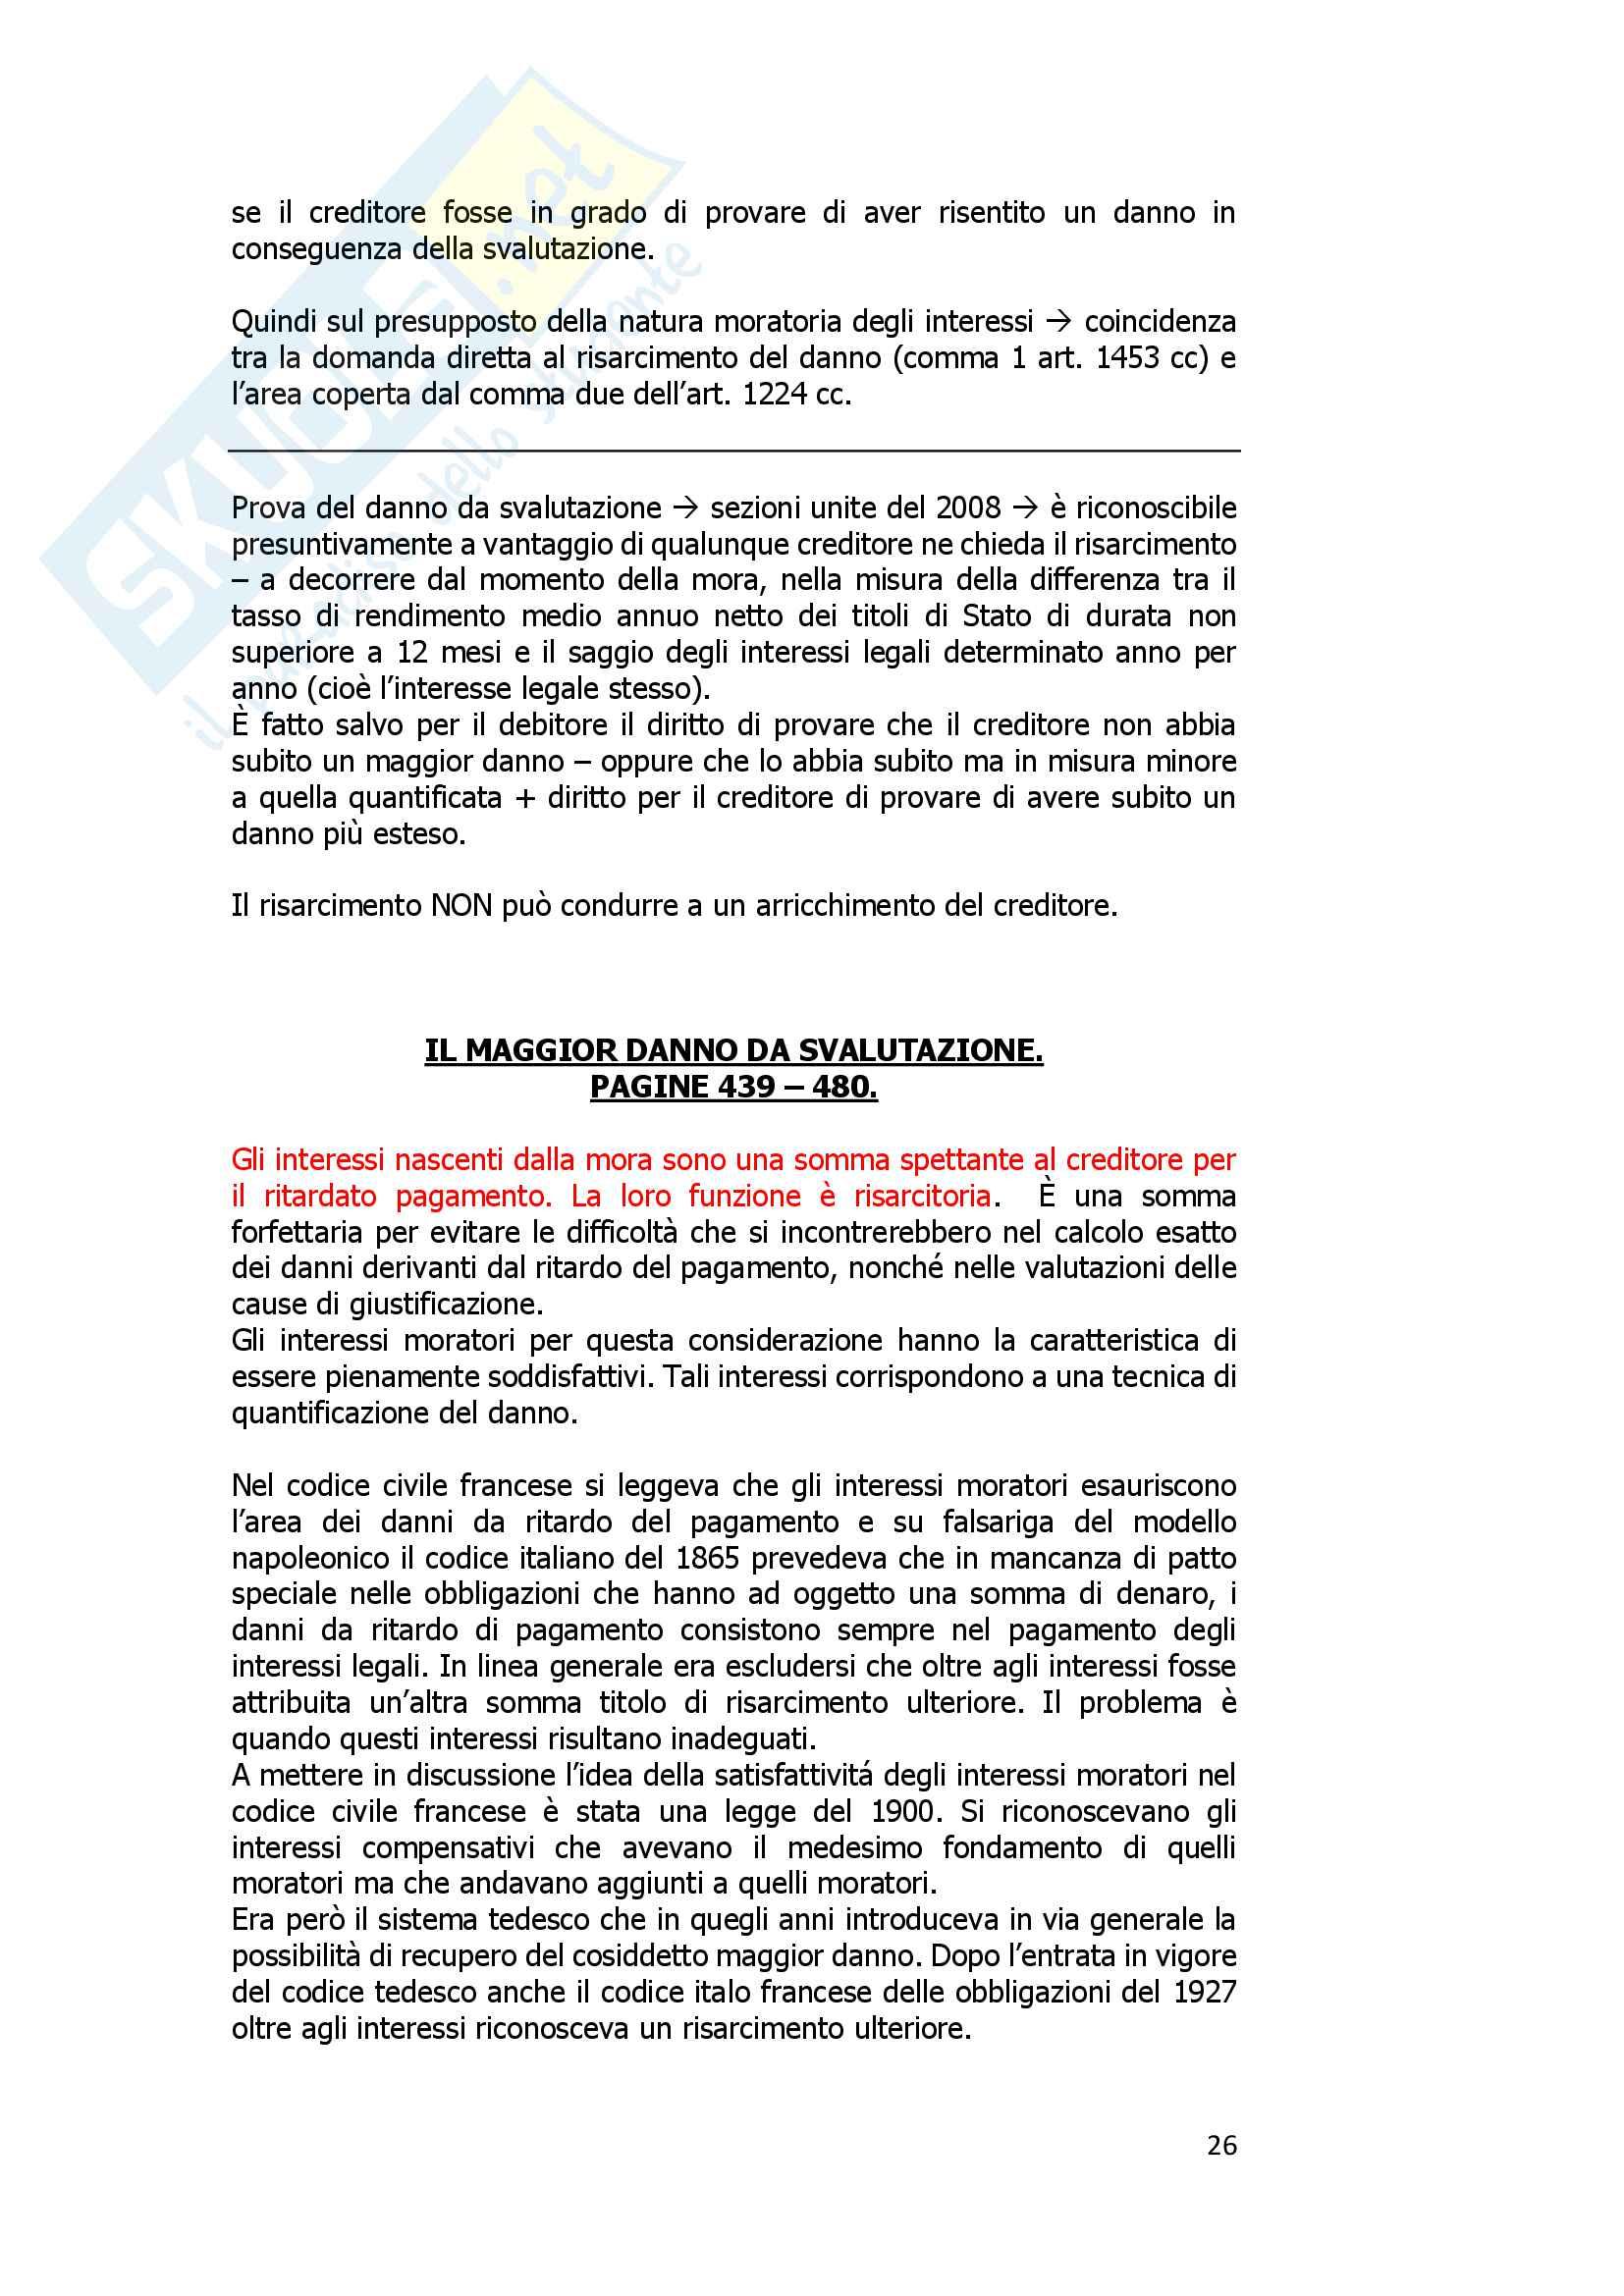 Fondamenti del diritto privato europeo Pag. 26